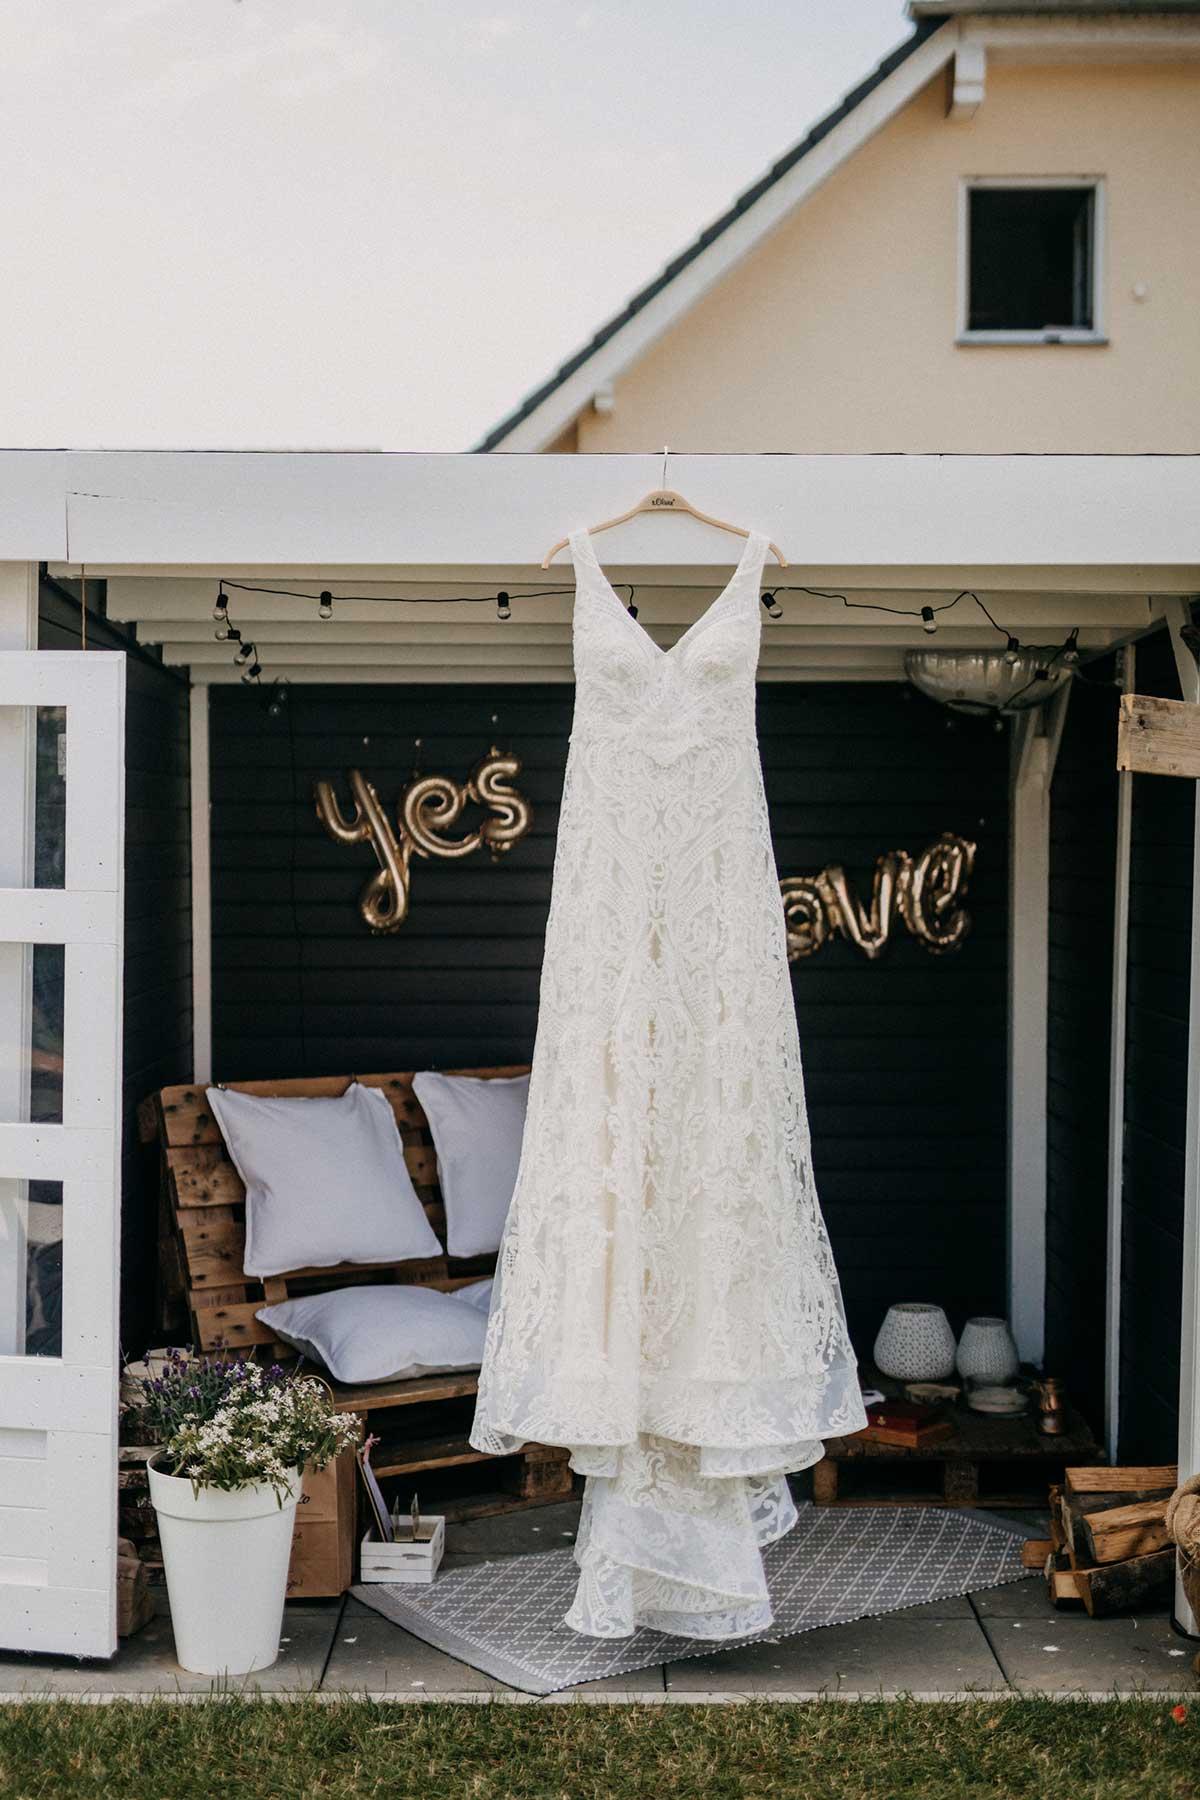 Brautkleid hängt im Garten